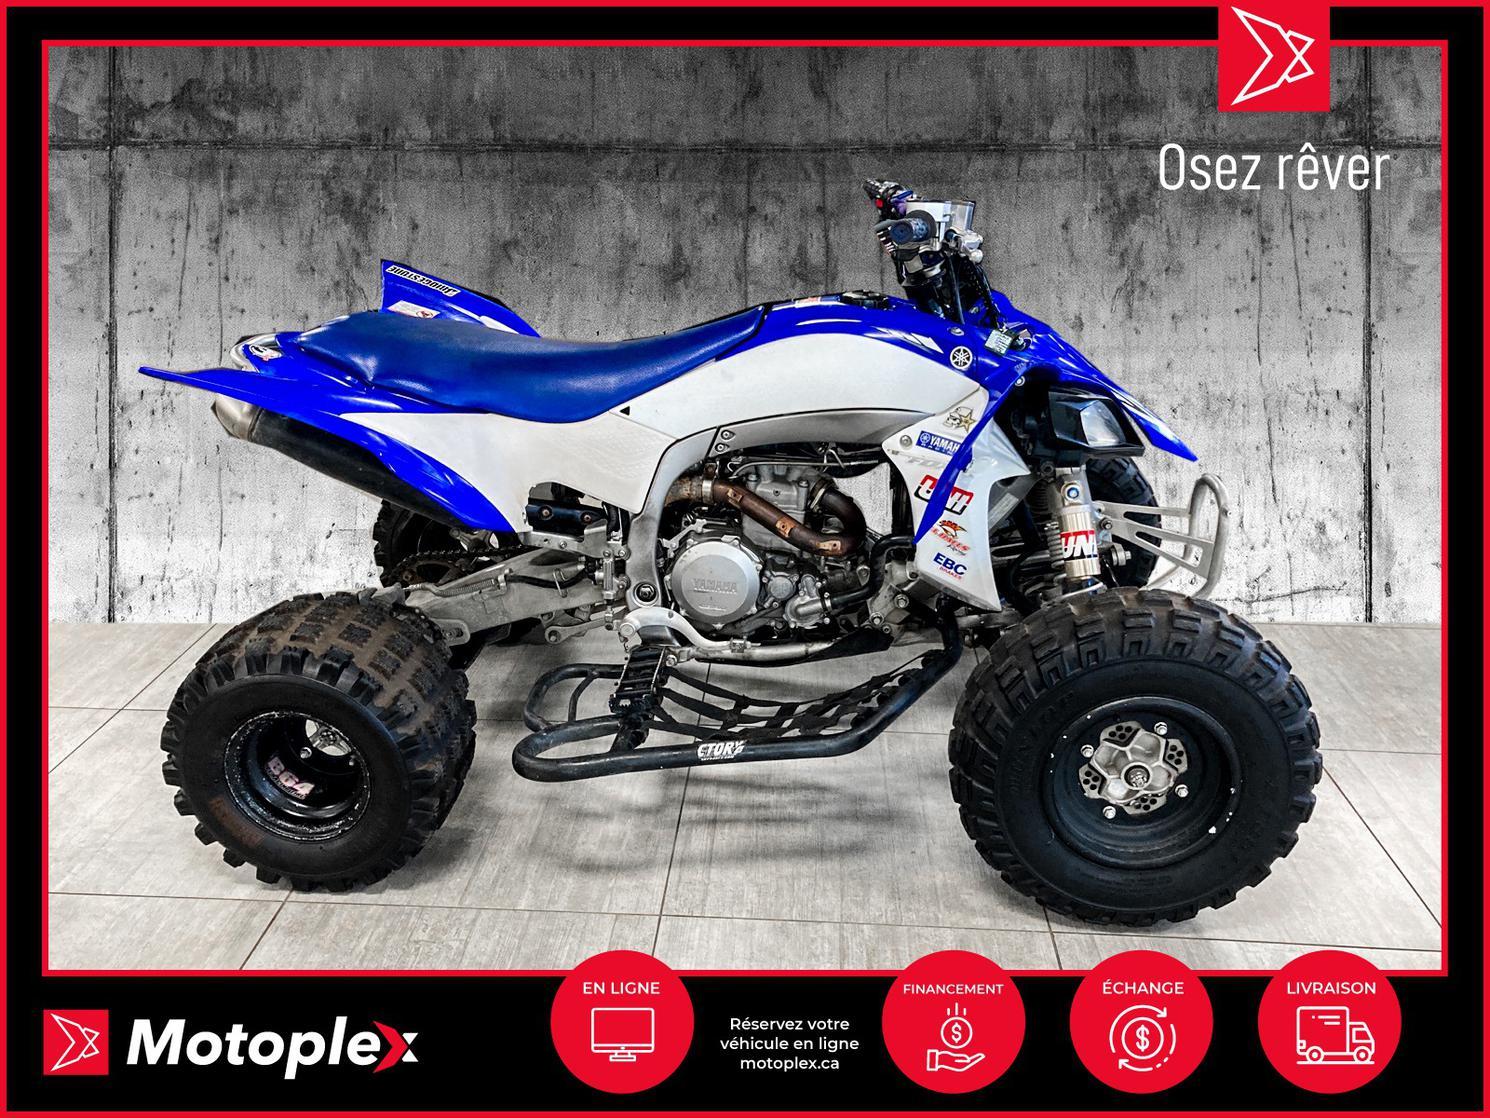 2011 Yamaha YFZ-450X - 47$/semaine